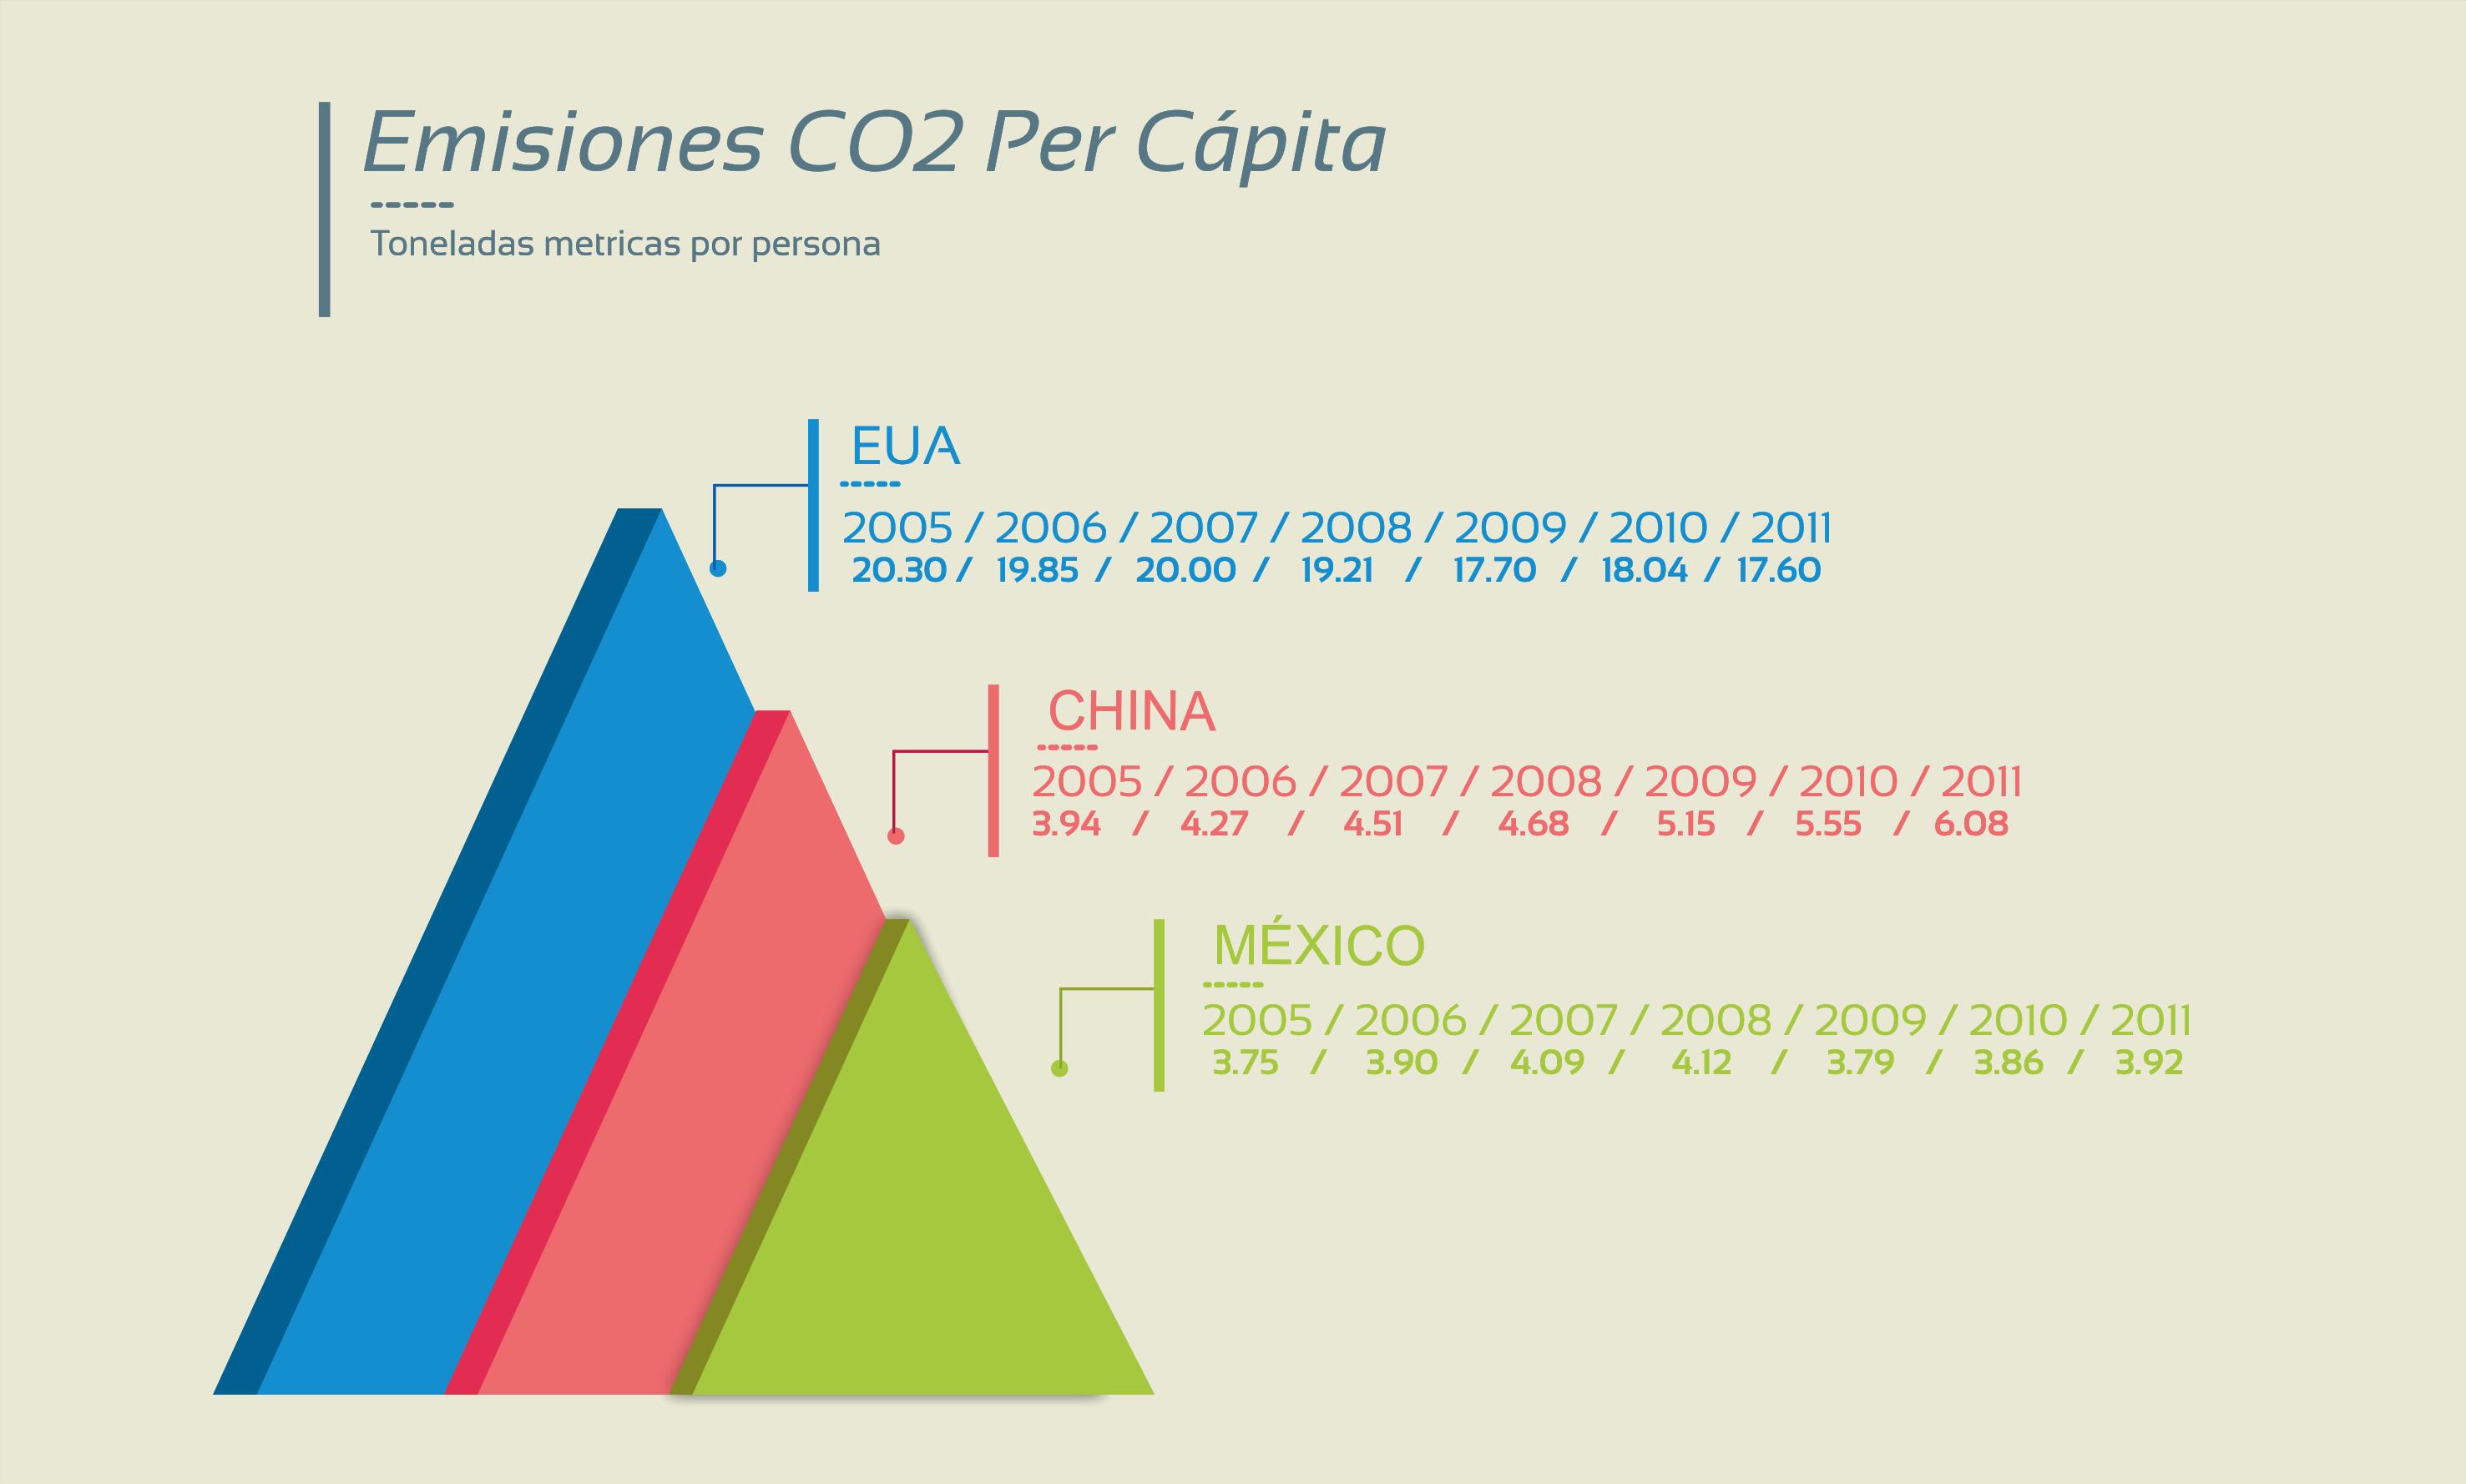 emisiones-per-capita